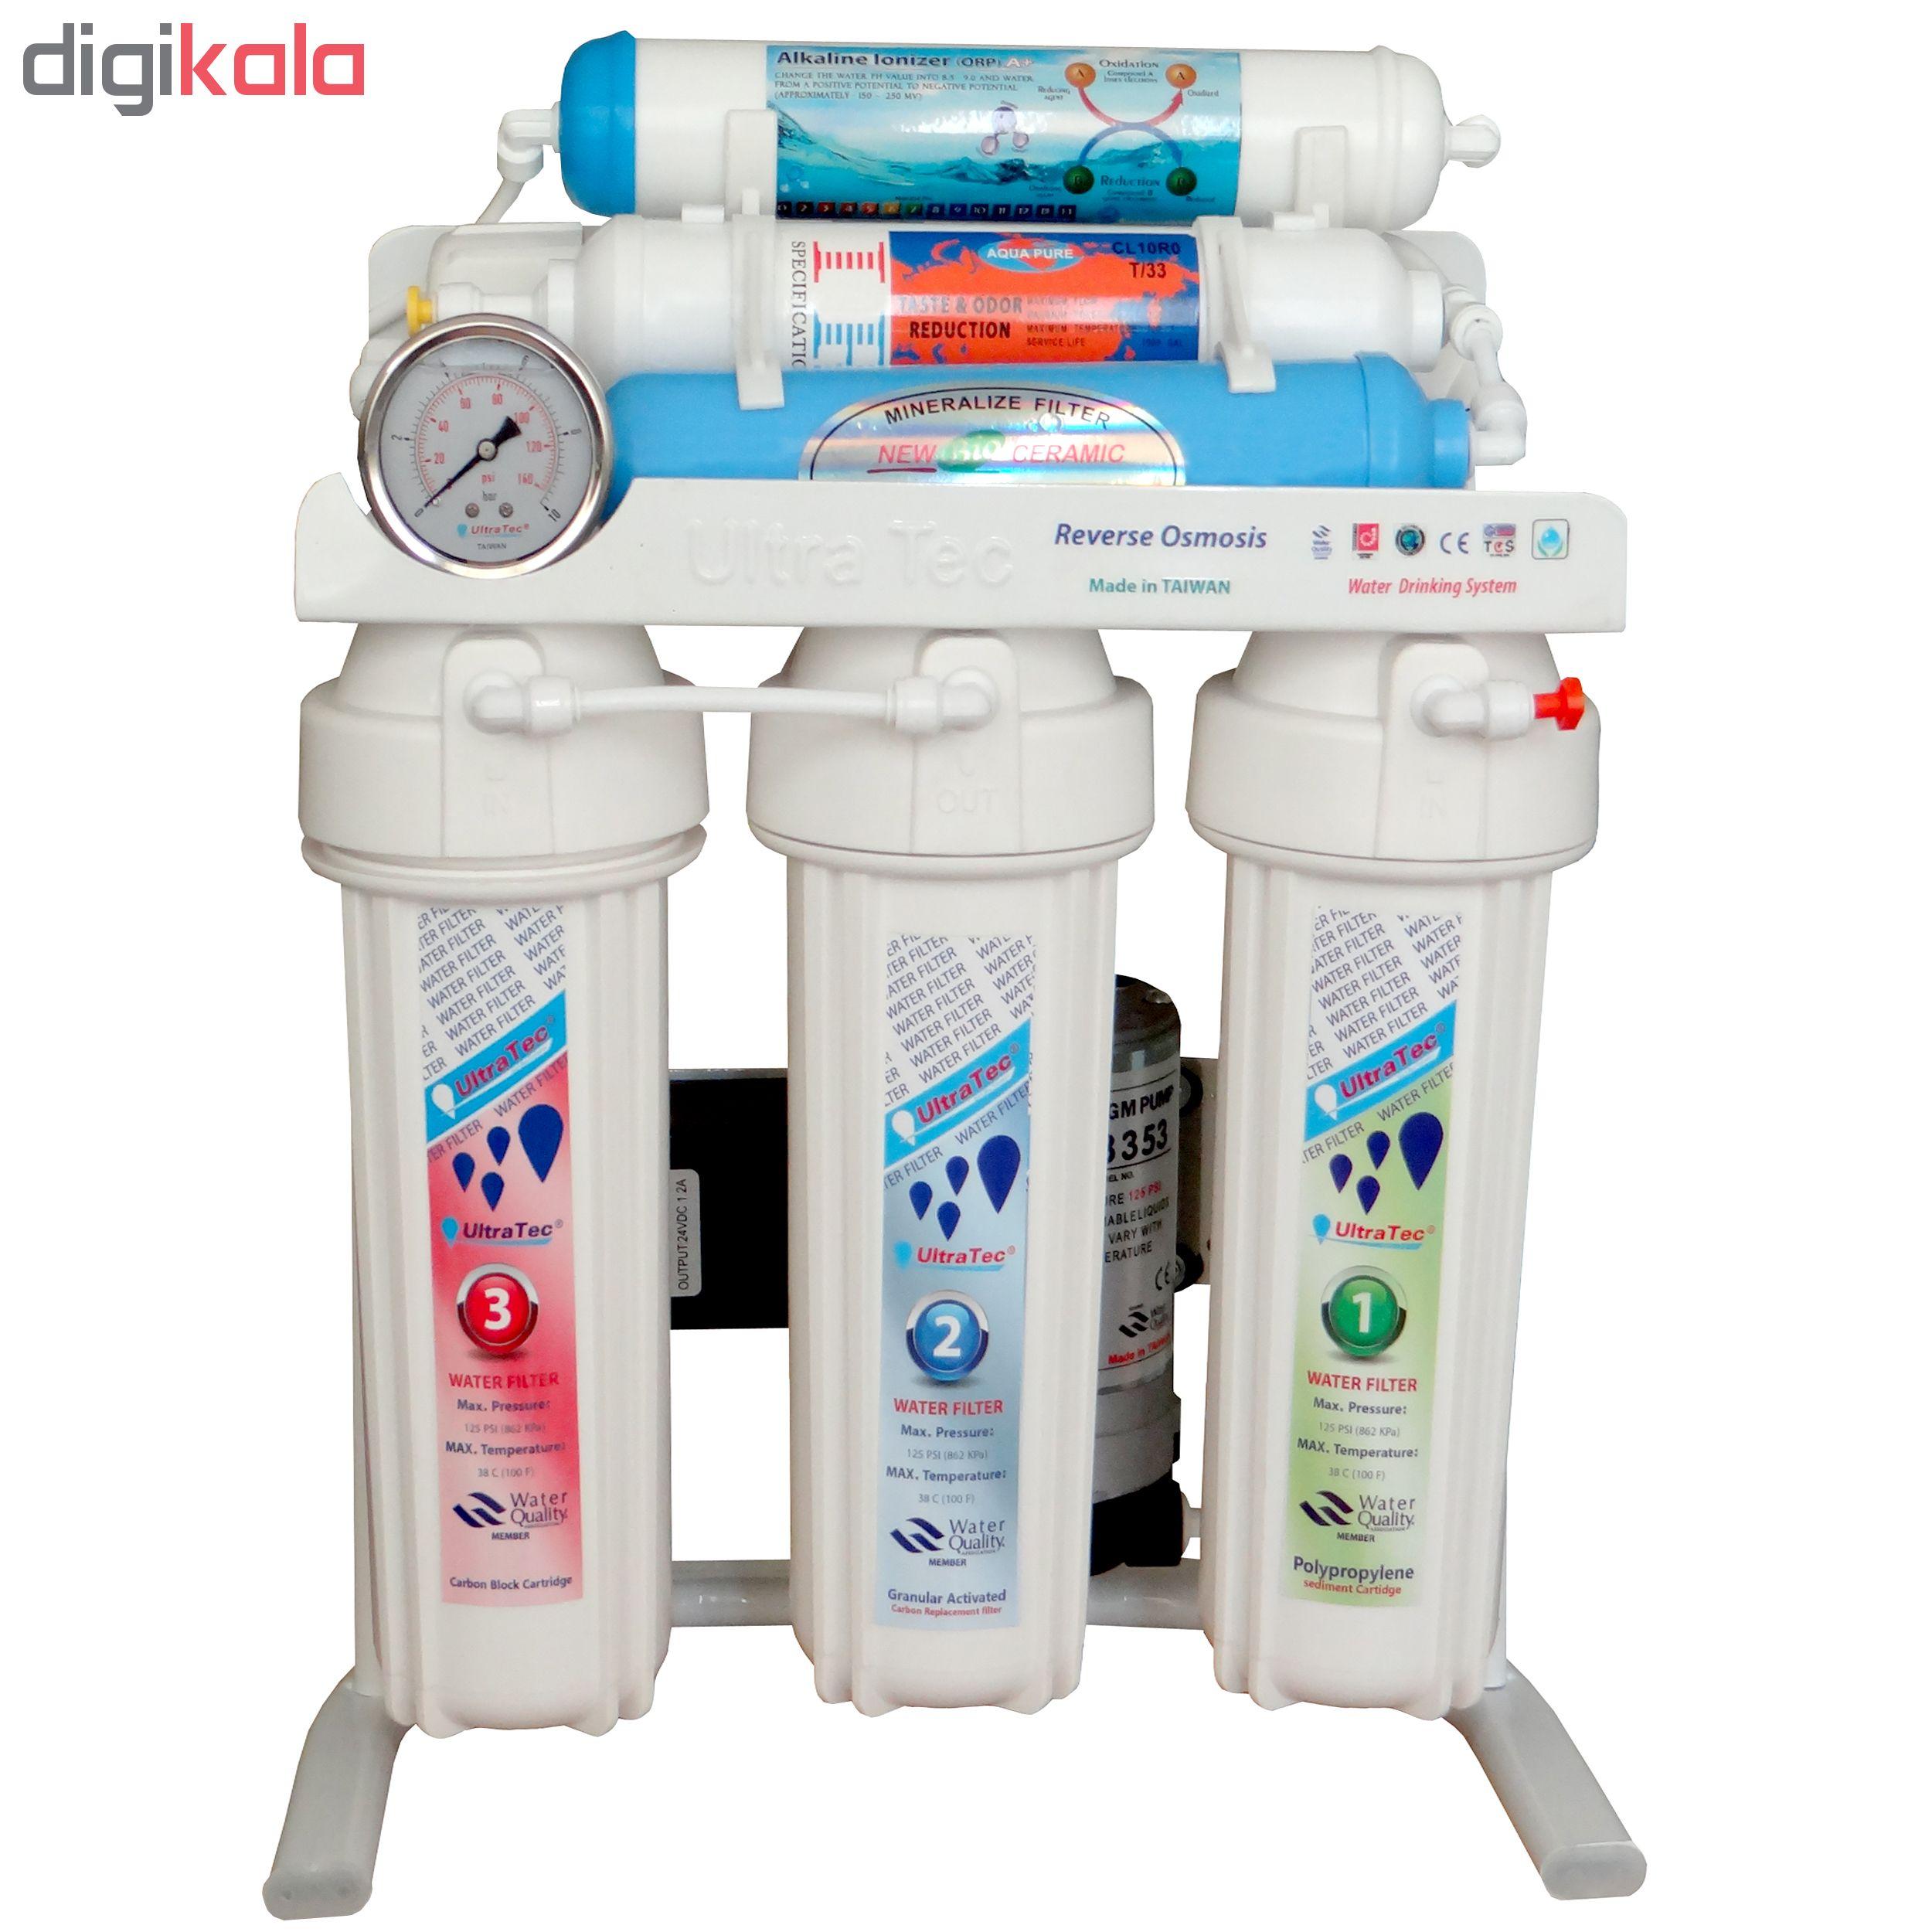 دستگاه تصفیه کننده آب اولترا تک مدل Water Softener -UT1100